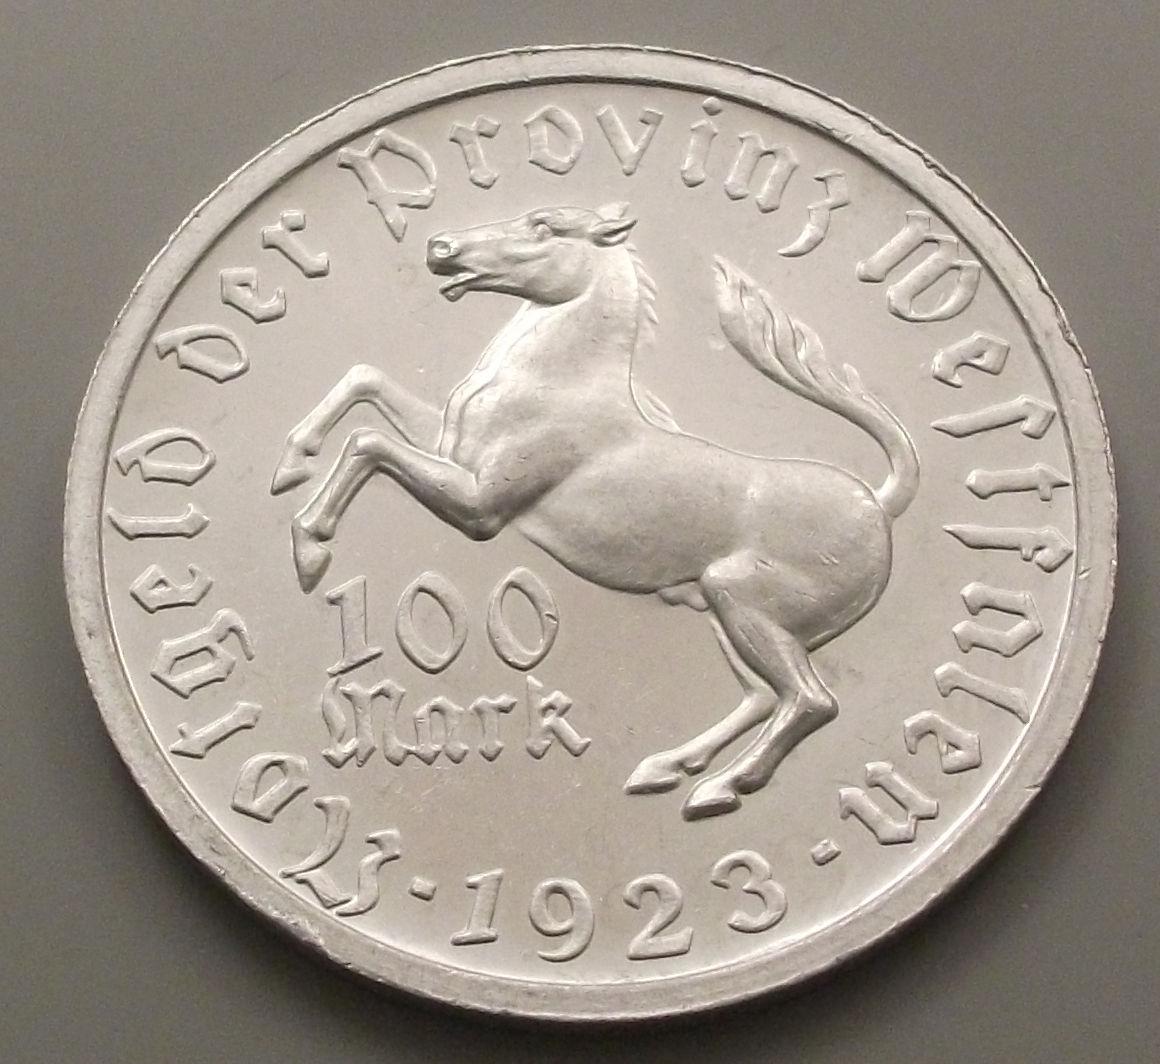 Monedas de emergencia emitidas por el banco regional de Westphalia 1923_100d